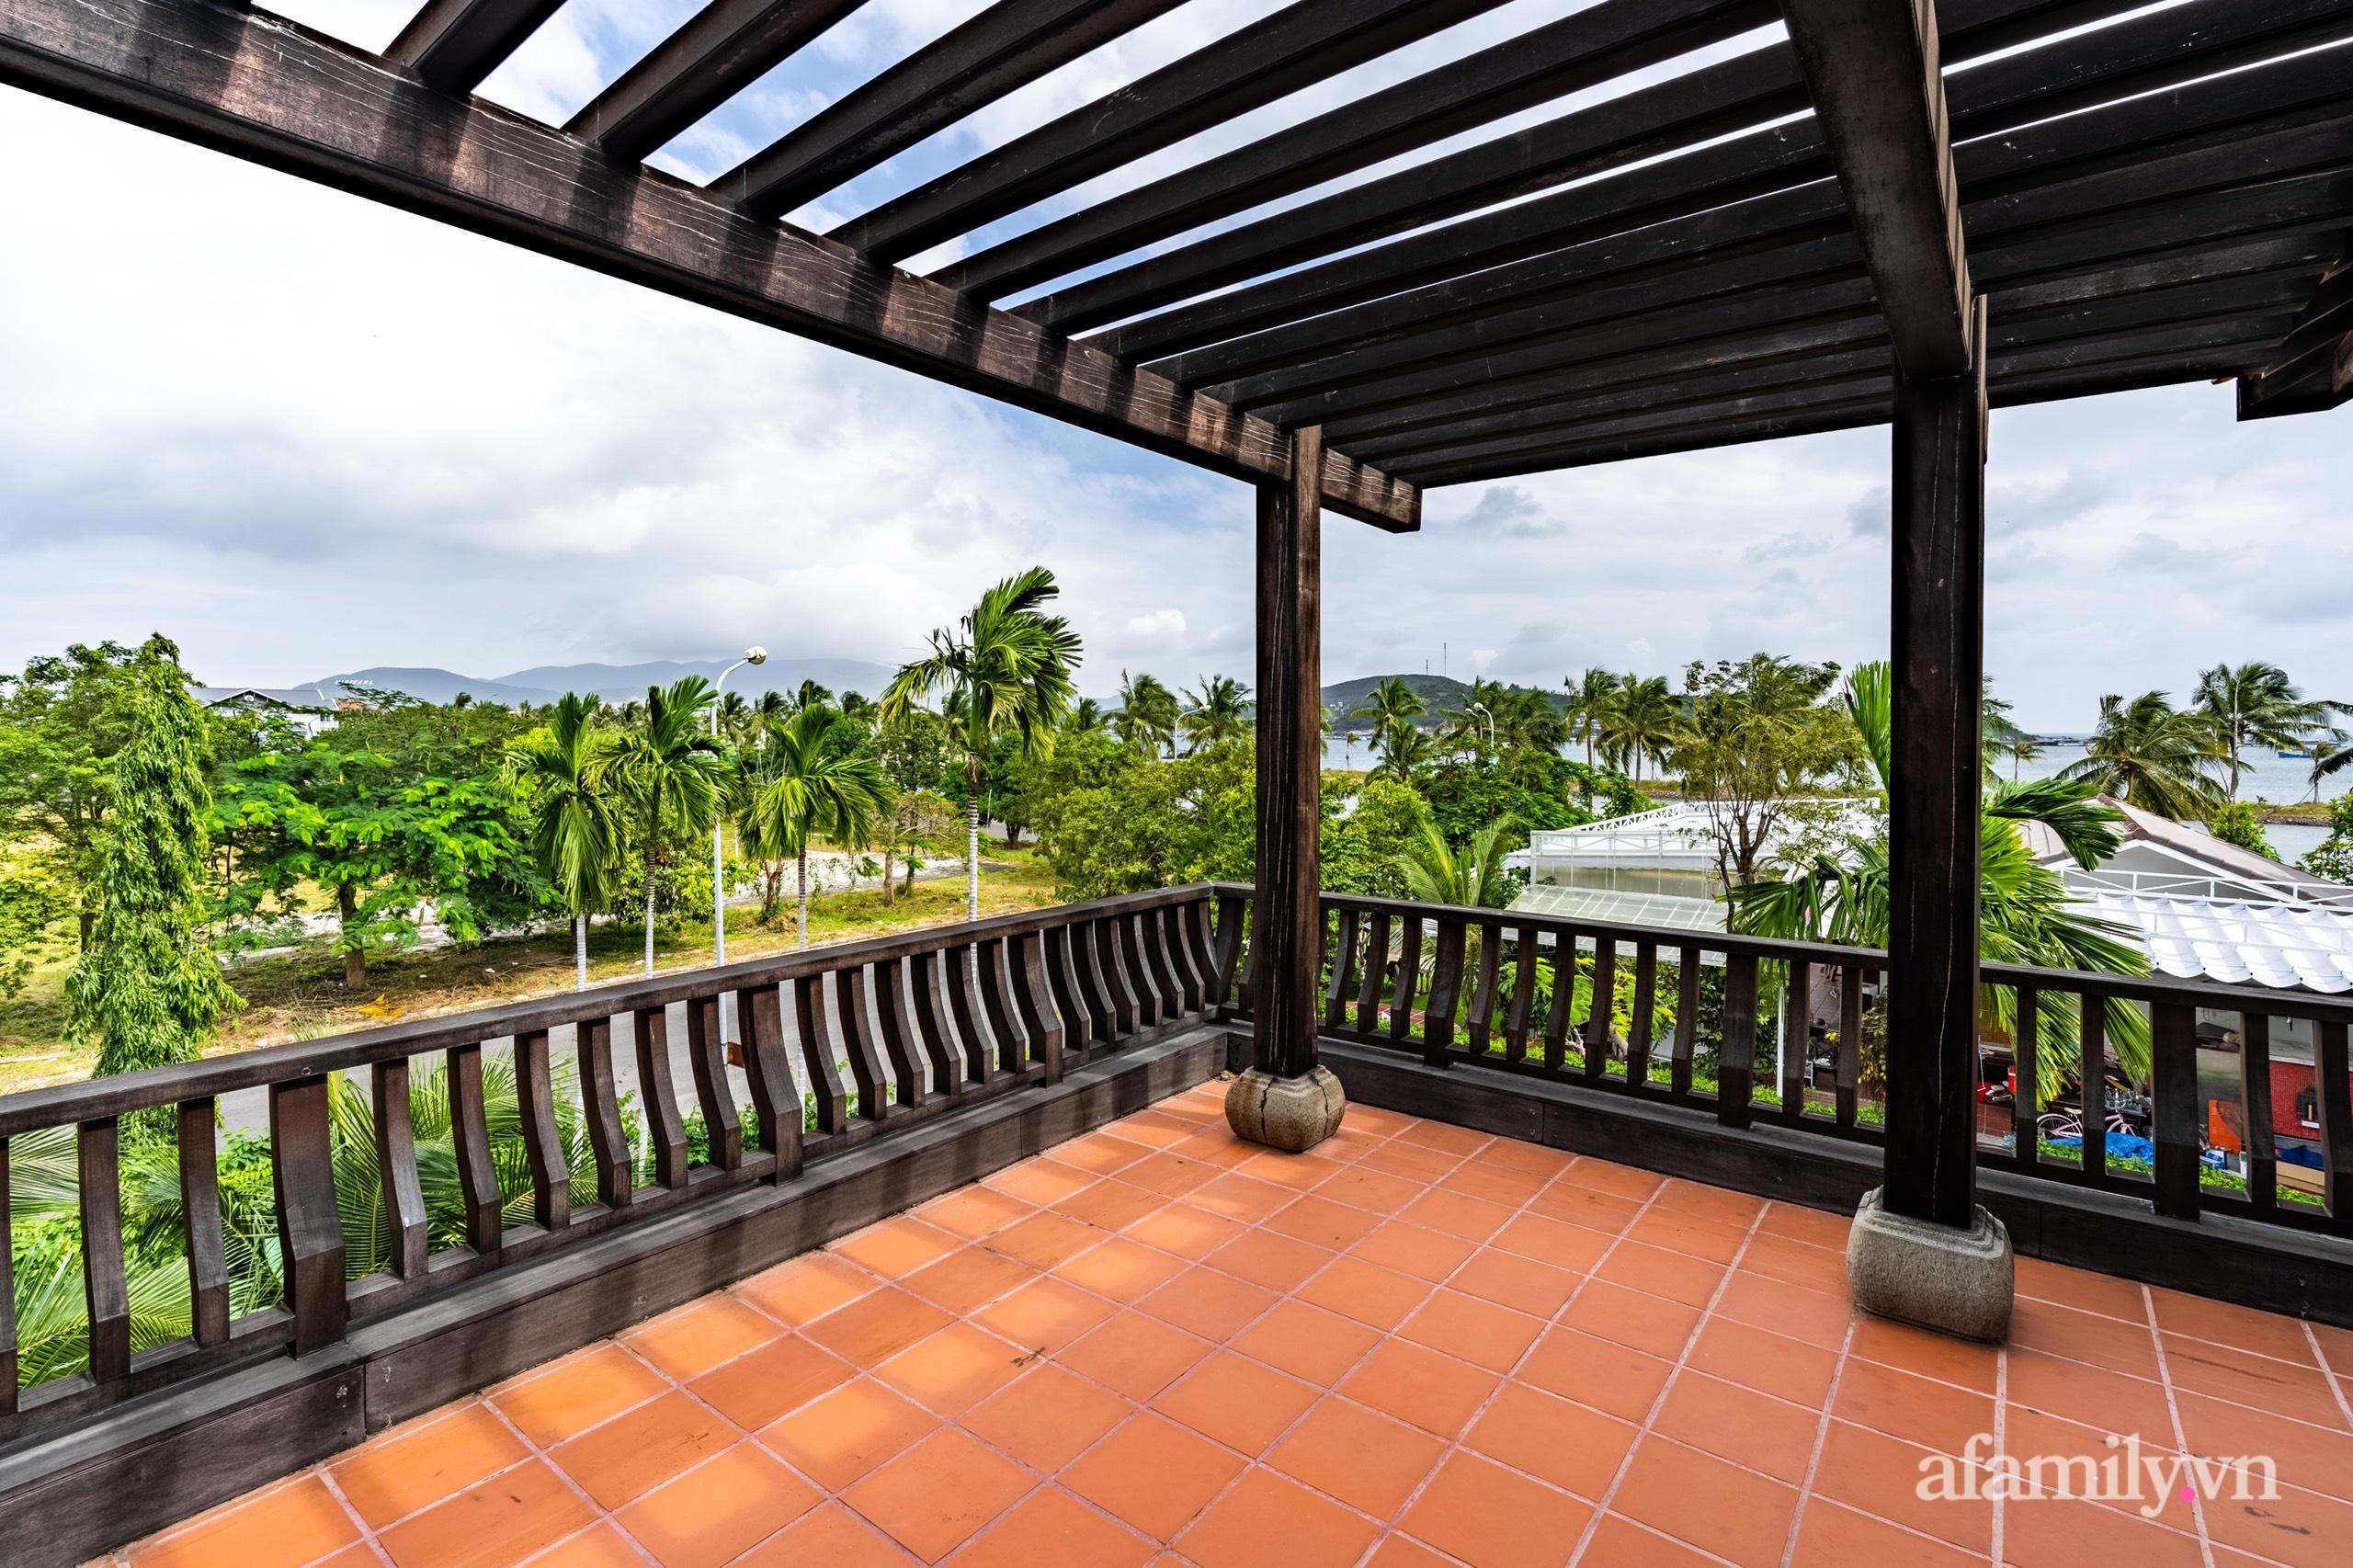 Căn nhà vườn xây 10 năm vẫn đẹp hút mắt với nội thất gỗ và cây xanh quanh nhà ở Nha Trang-28